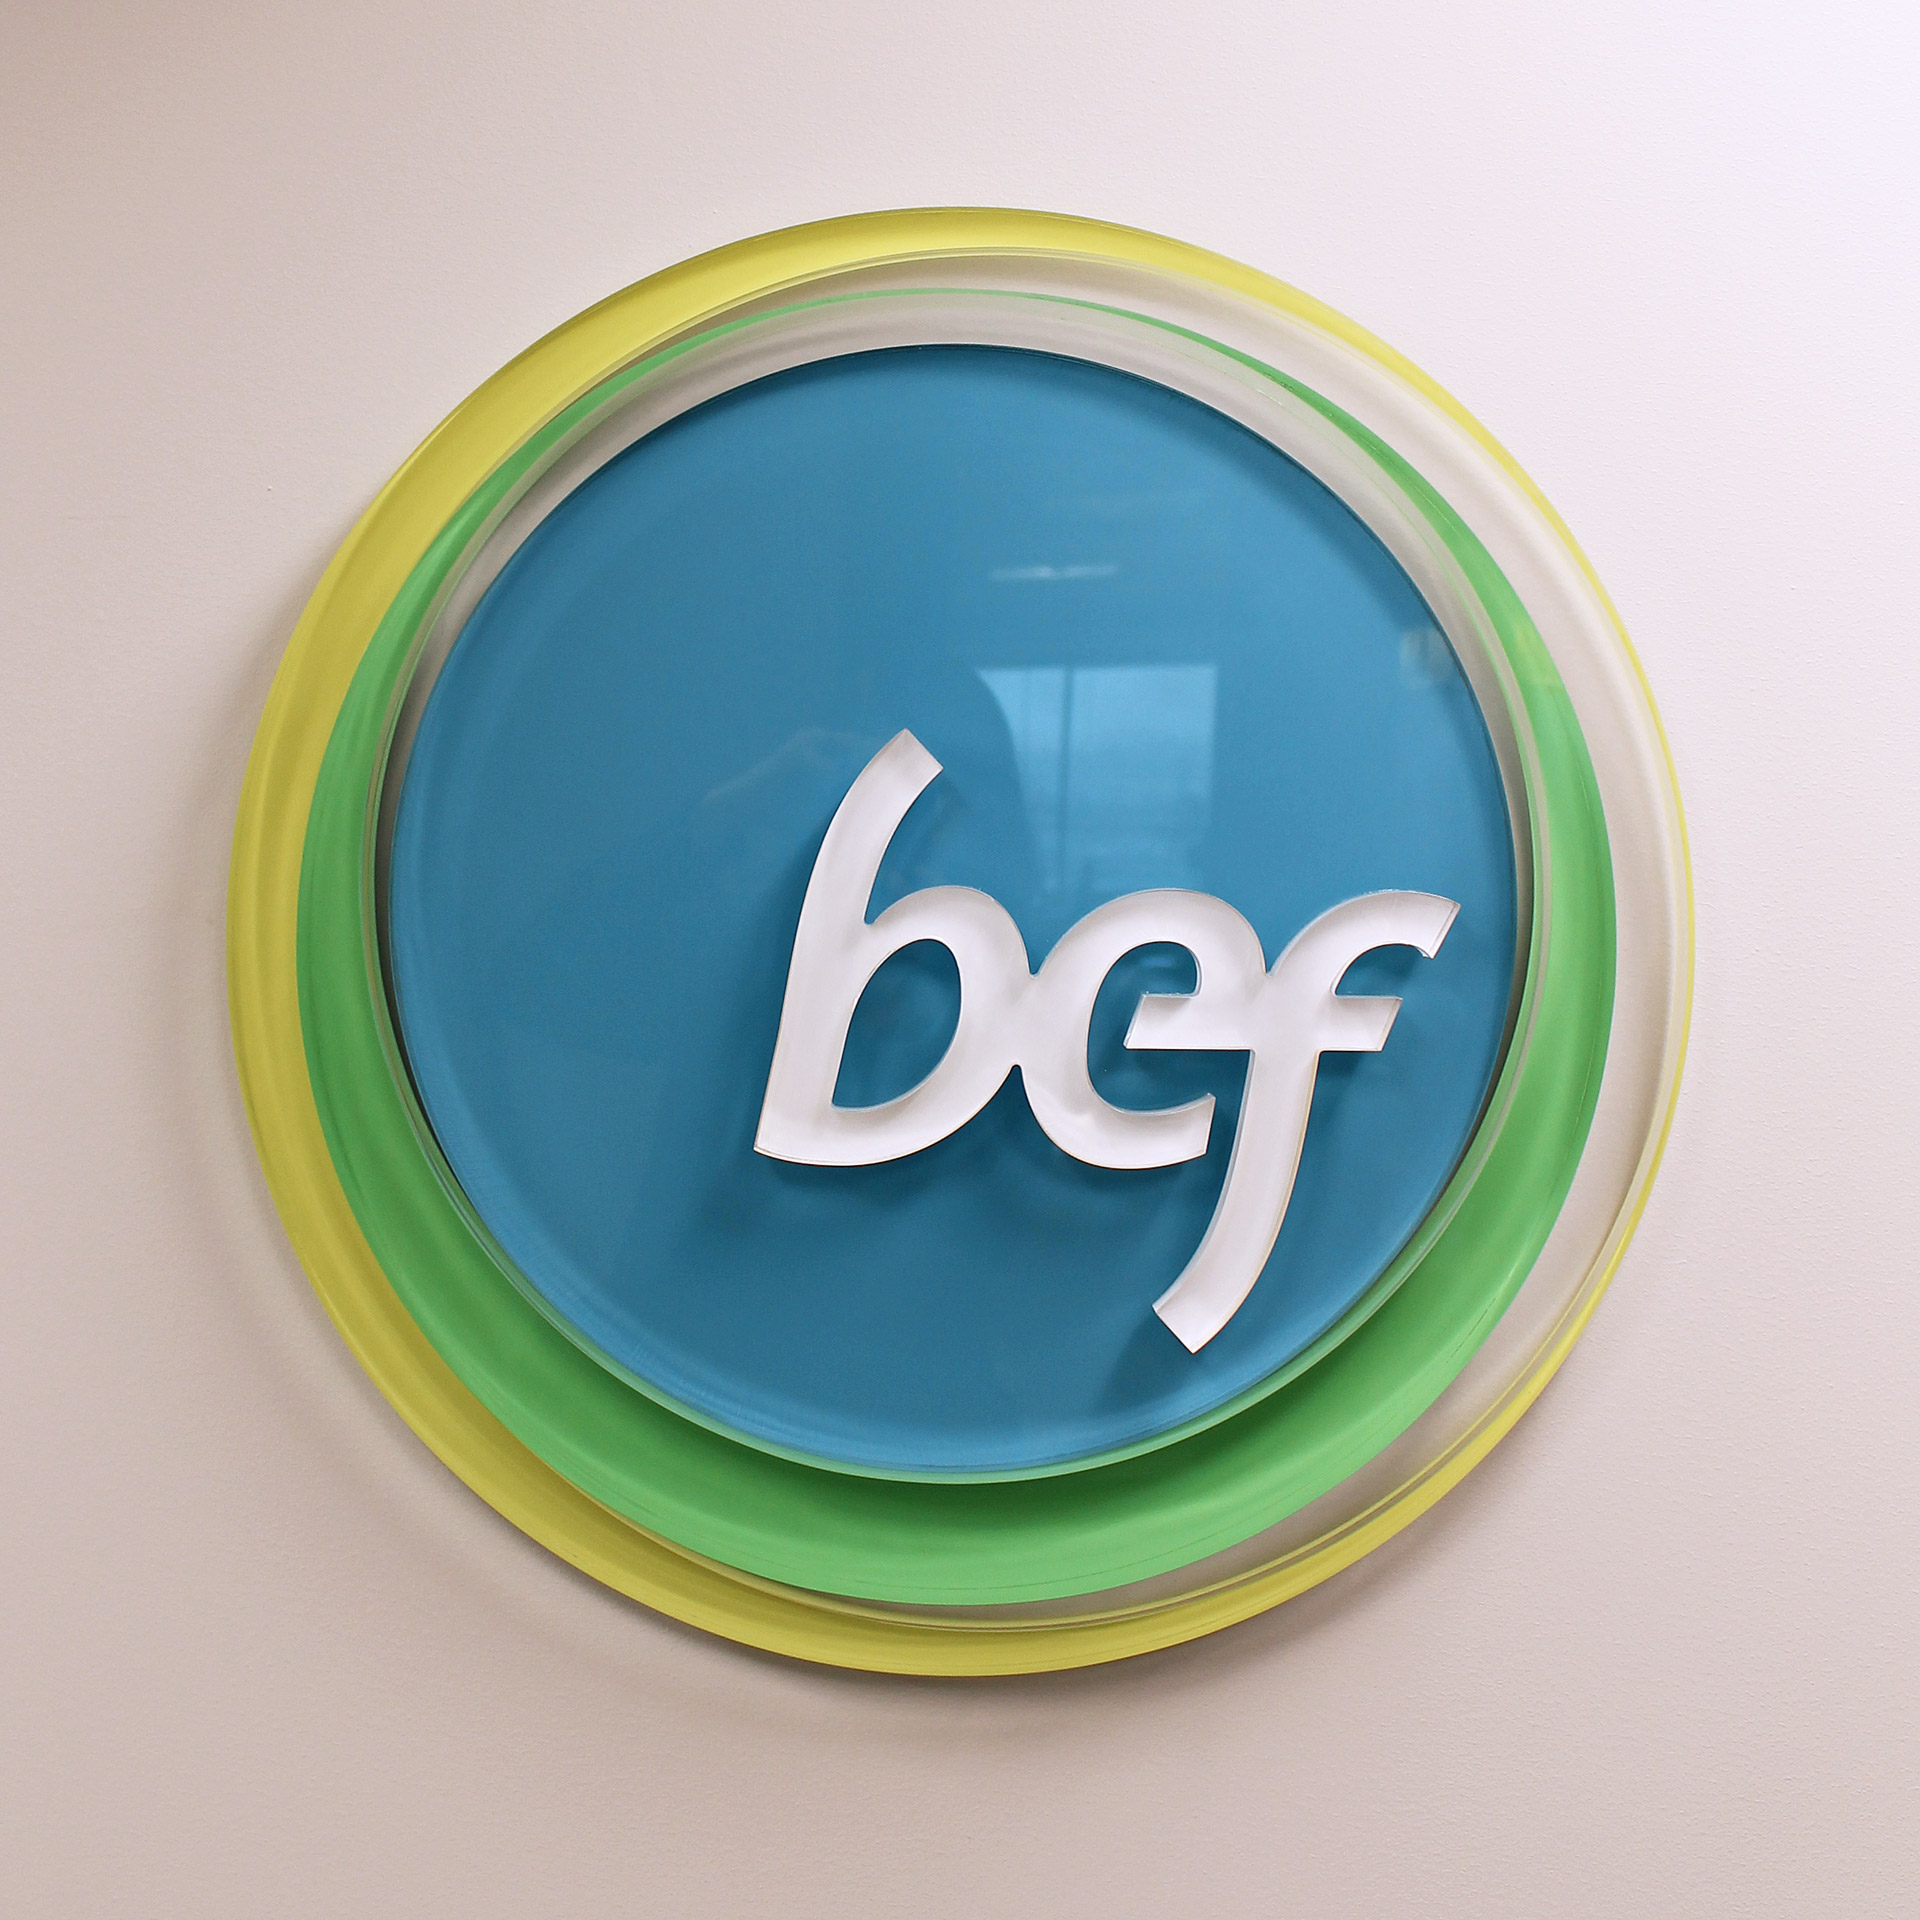 BEFsign1.jpg